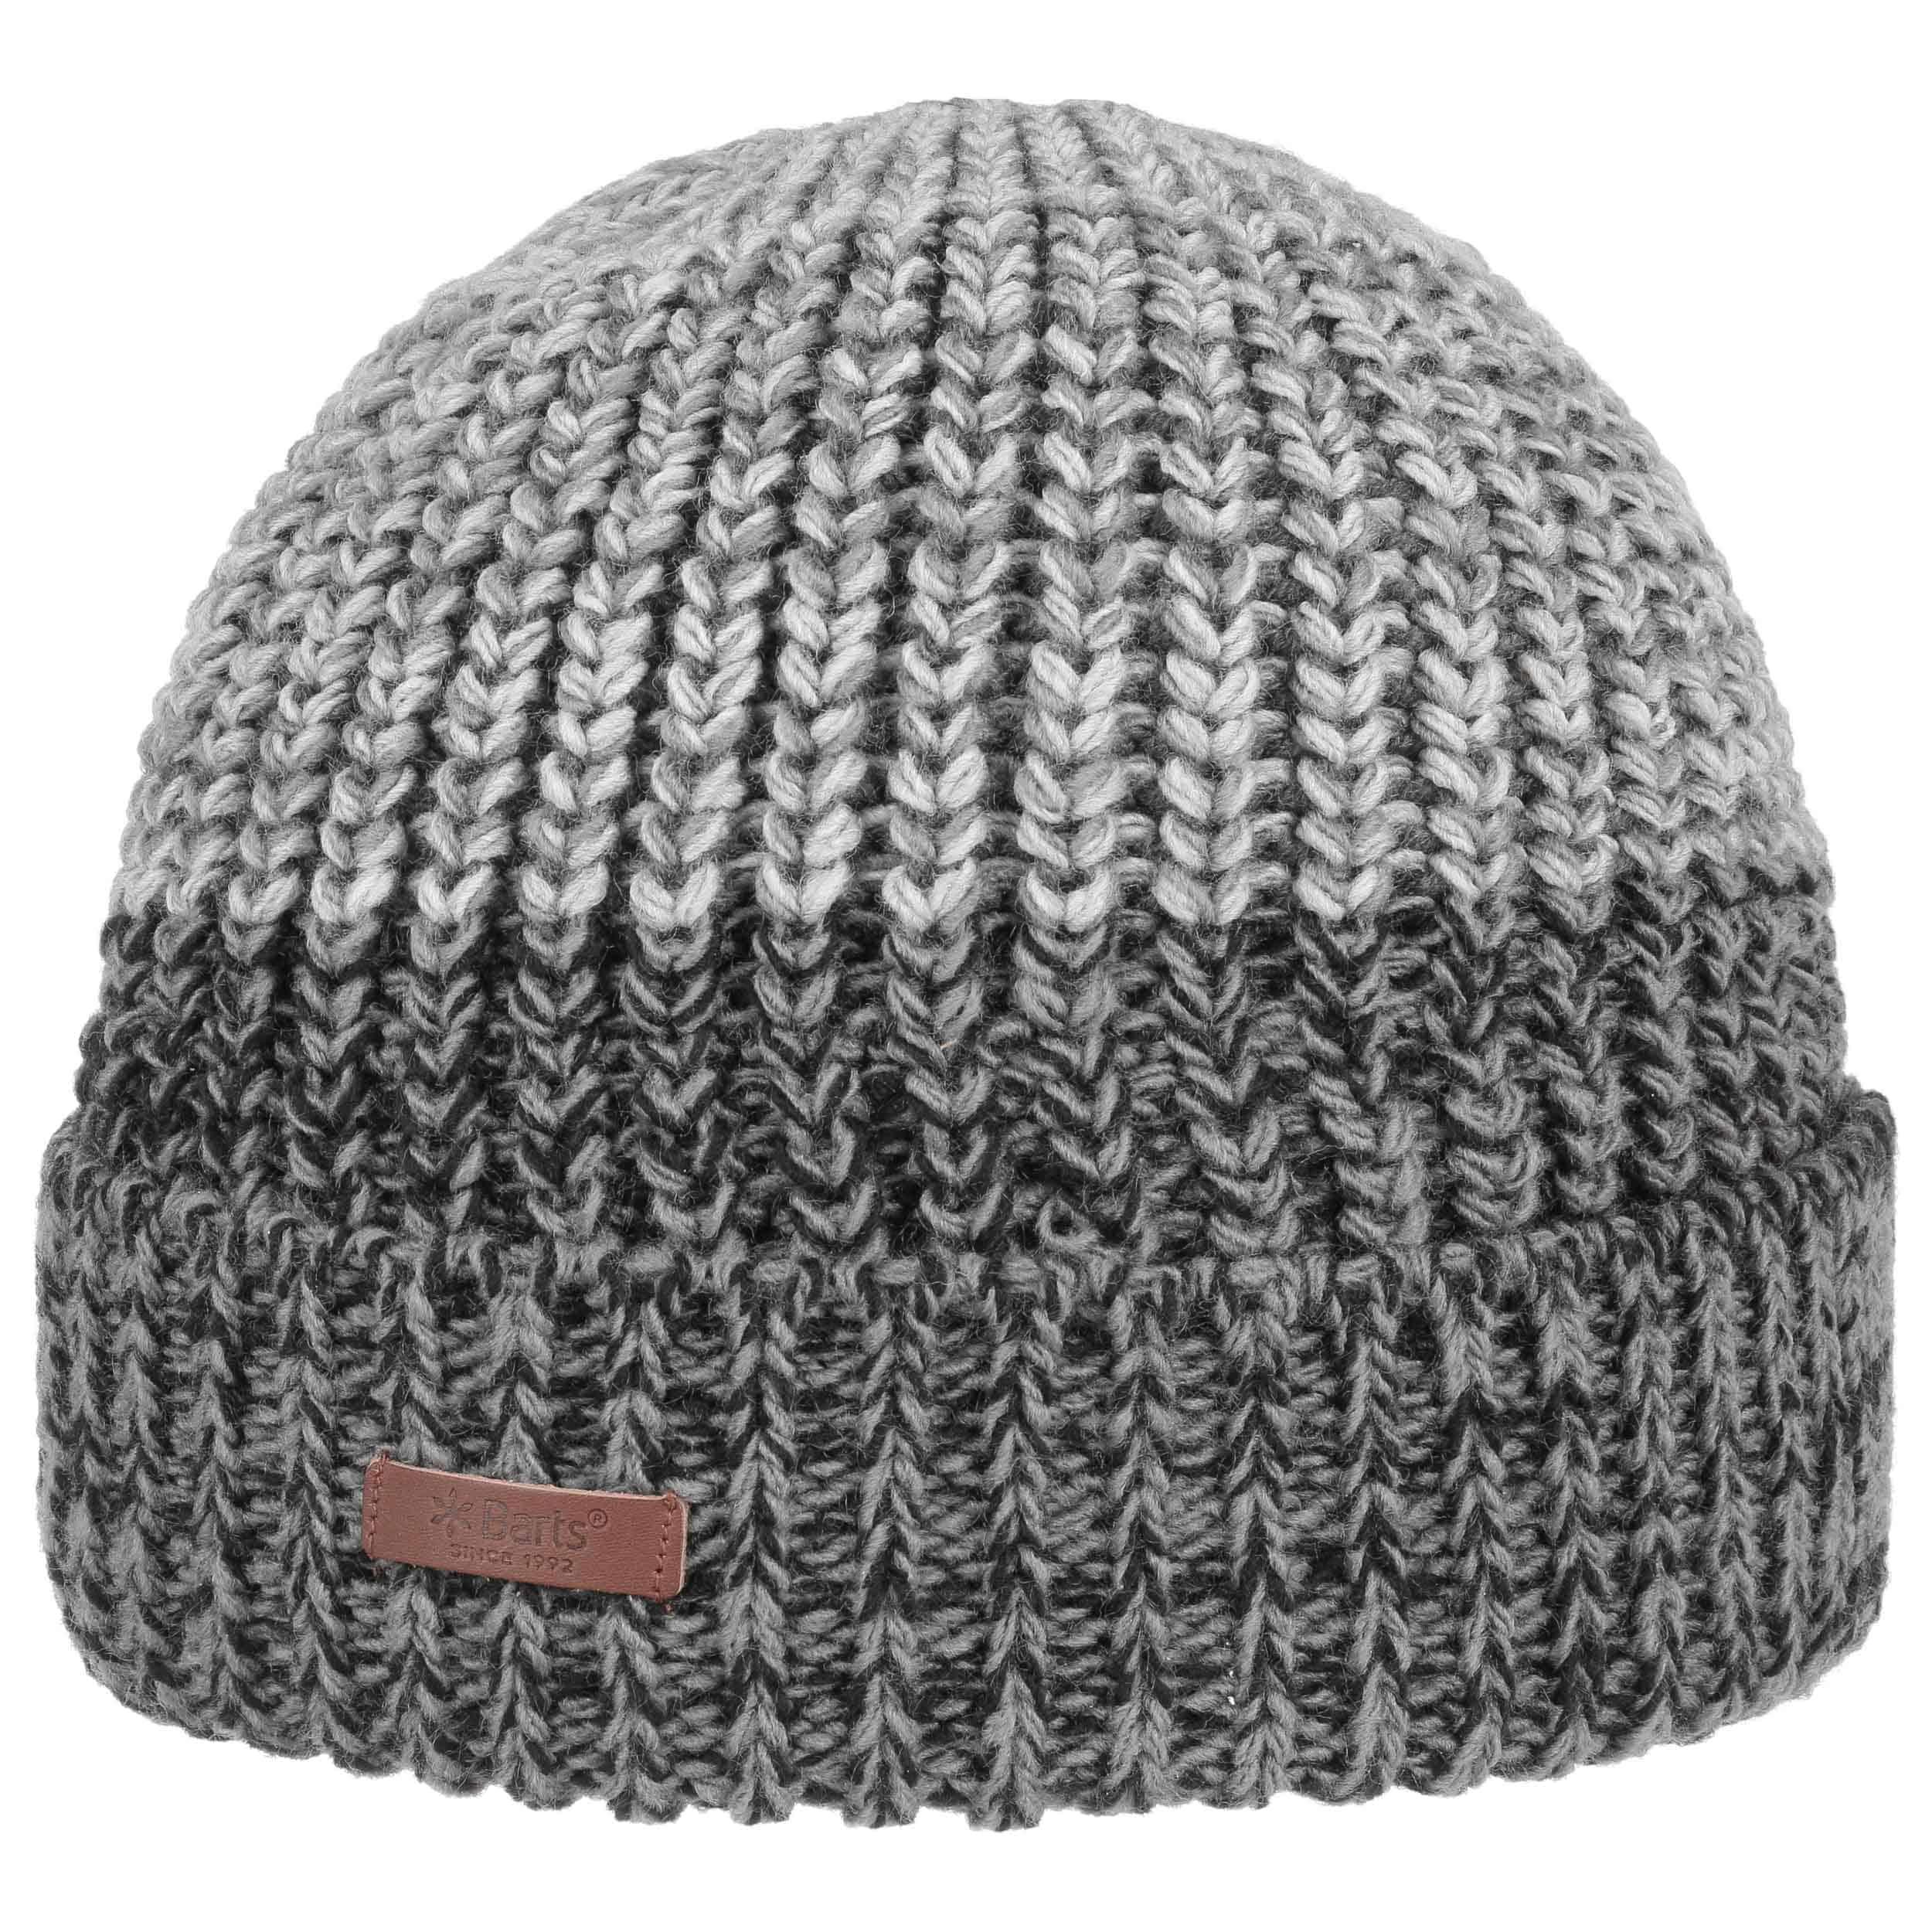 5ce898db0ec ... Arctic Beanie Hat by Barts - grey 3 ...